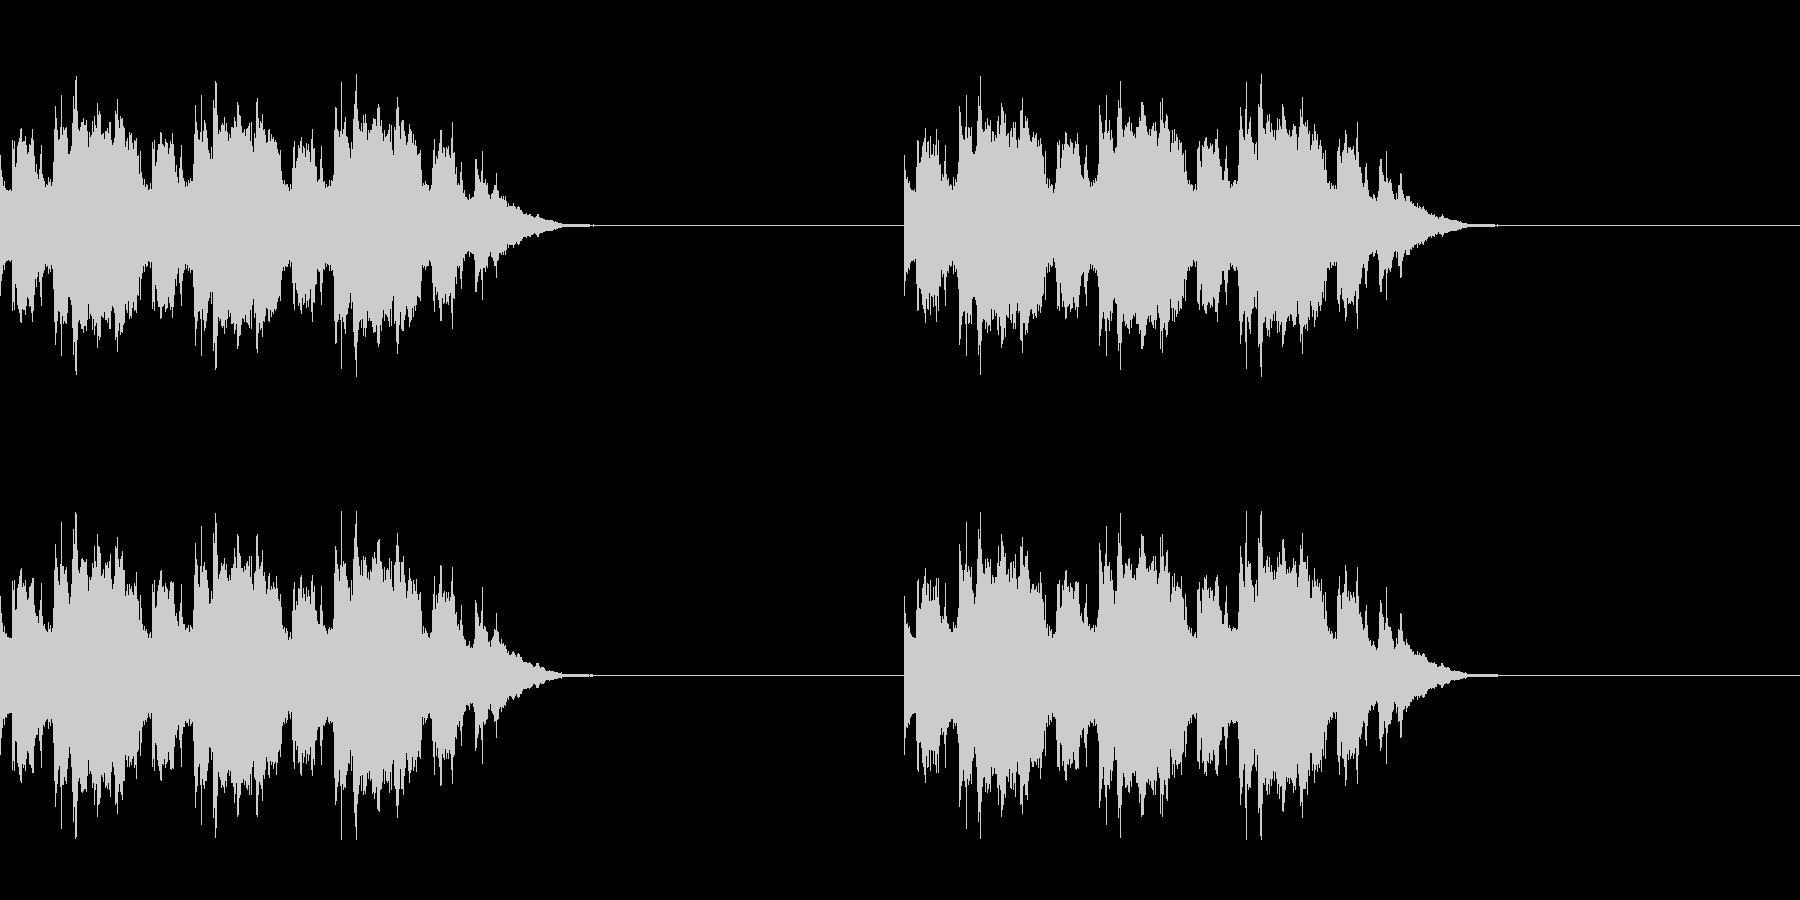 黒電話の着信音の未再生の波形